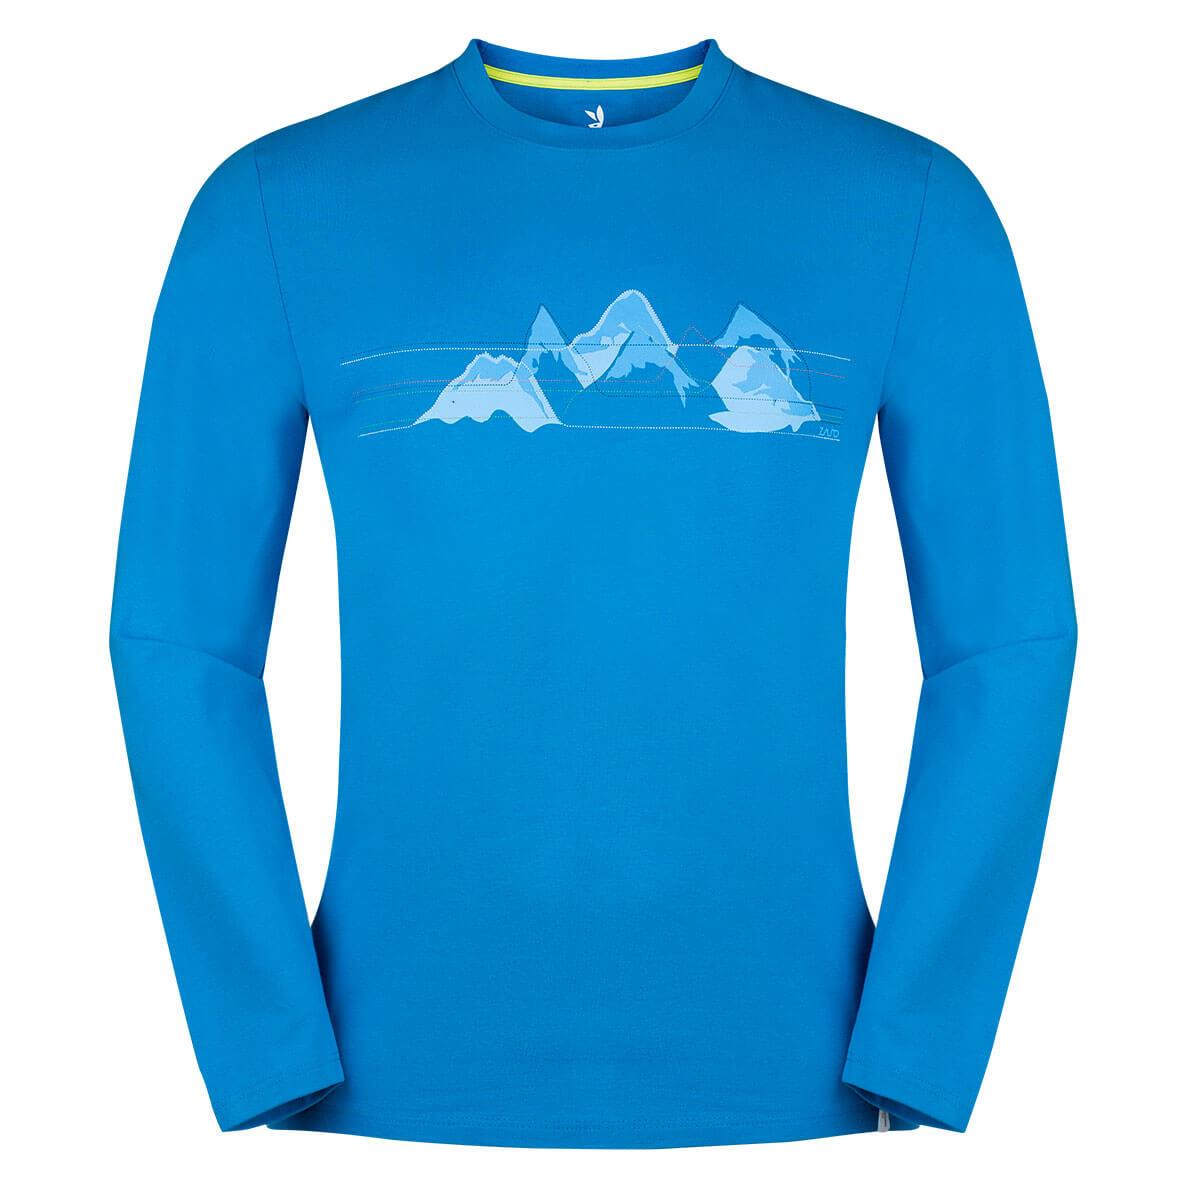 Pánske tričko Zajo Bormio LS Ibiza Blue Mountains - veľkosť S